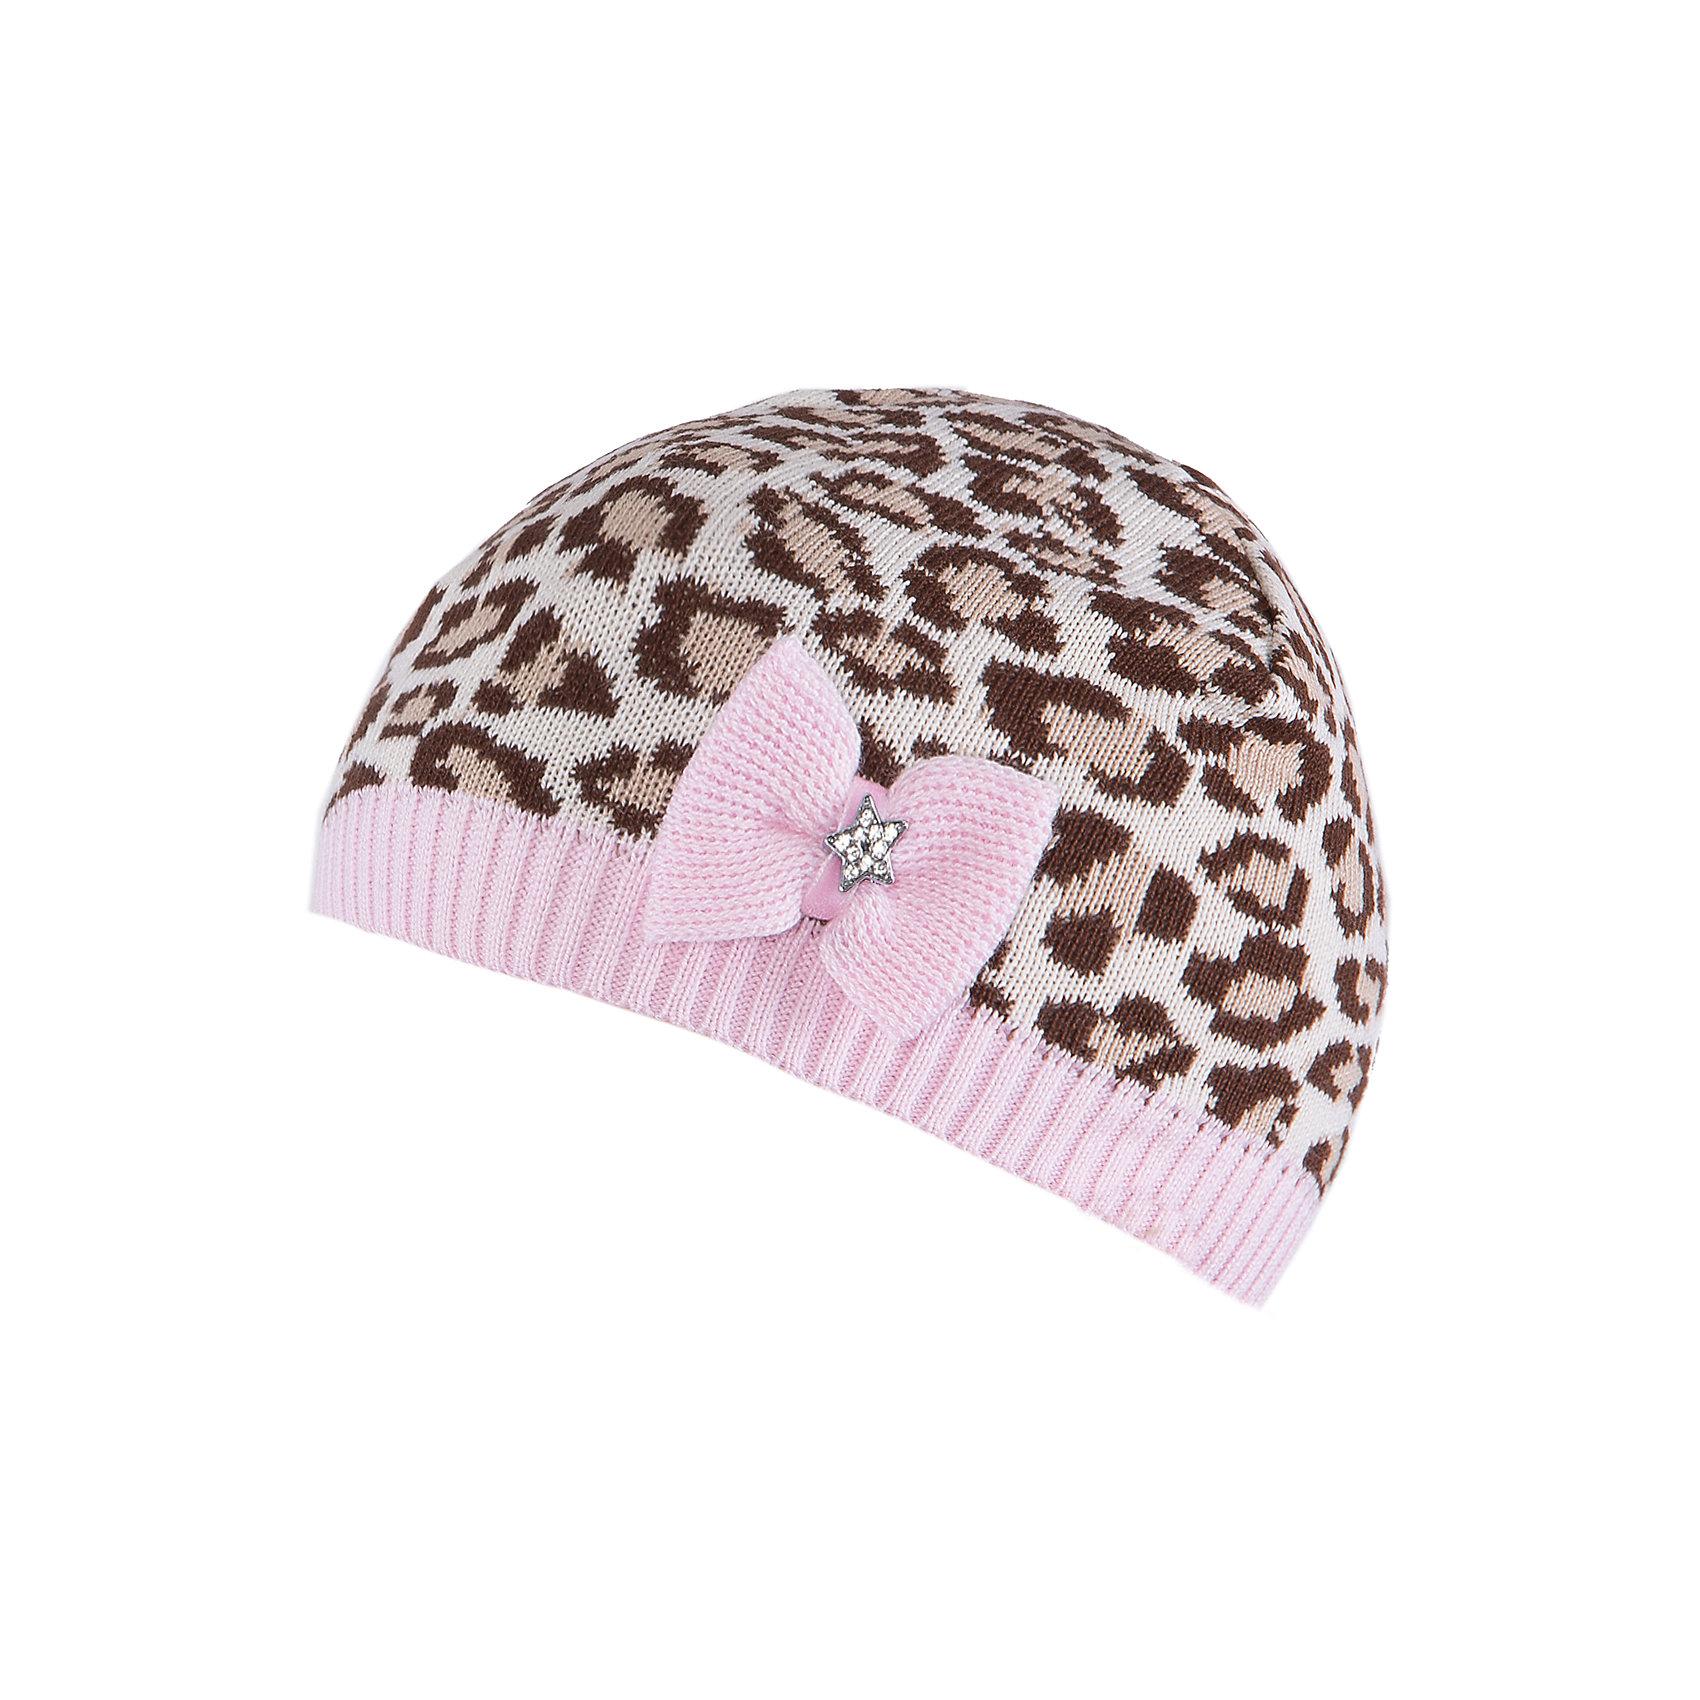 Шапка для девочки АртельШапка для девочки от торговой марки Артель <br><br>Оригинальная шапка с животным принтом отлично смотрится на детях и комфортно сидит. Эта модель создана специально для девочек. Изделие выполнено из качественных материалов.<br>Одежда от бренда Артель – это высокое качество по приемлемой цене и всегда продуманный дизайн. <br><br>Особенности модели: <br>- цвет — розовый; <br>- украшена бантиком и стразами; <br>- натуральный хлопок с добавкой пана. <br><br>Дополнительная информация: <br><br>Состав: 50% хлопок, 50% пан.<br><br>Температурный режим: <br>От -5 °C до +15 °C <br><br>Шапку для девочки Артель (Artel) можно купить в нашем магазине.<br><br>Ширина мм: 89<br>Глубина мм: 117<br>Высота мм: 44<br>Вес г: 155<br>Цвет: розовый<br>Возраст от месяцев: 72<br>Возраст до месяцев: 84<br>Пол: Женский<br>Возраст: Детский<br>Размер: 54,48,52,50<br>SKU: 4500728